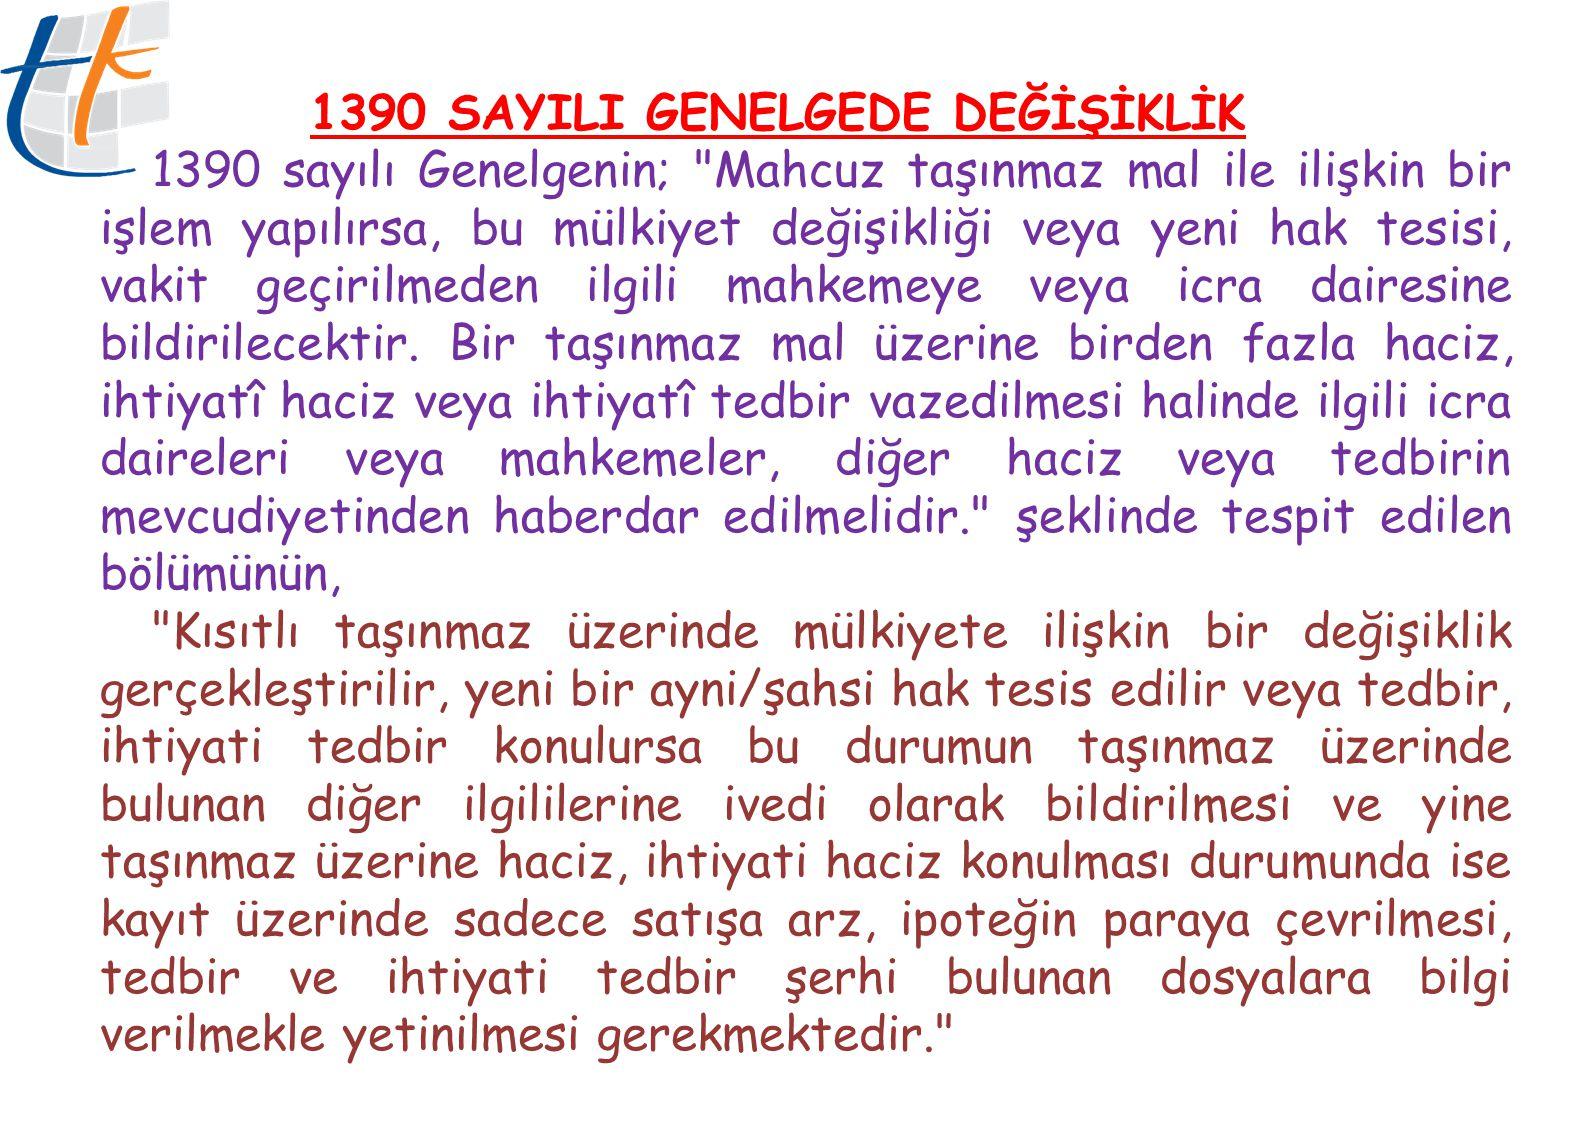 1390 SAYILI GENELGEDE DEĞİŞİKLİK 1390 sayılı Genelgenin;